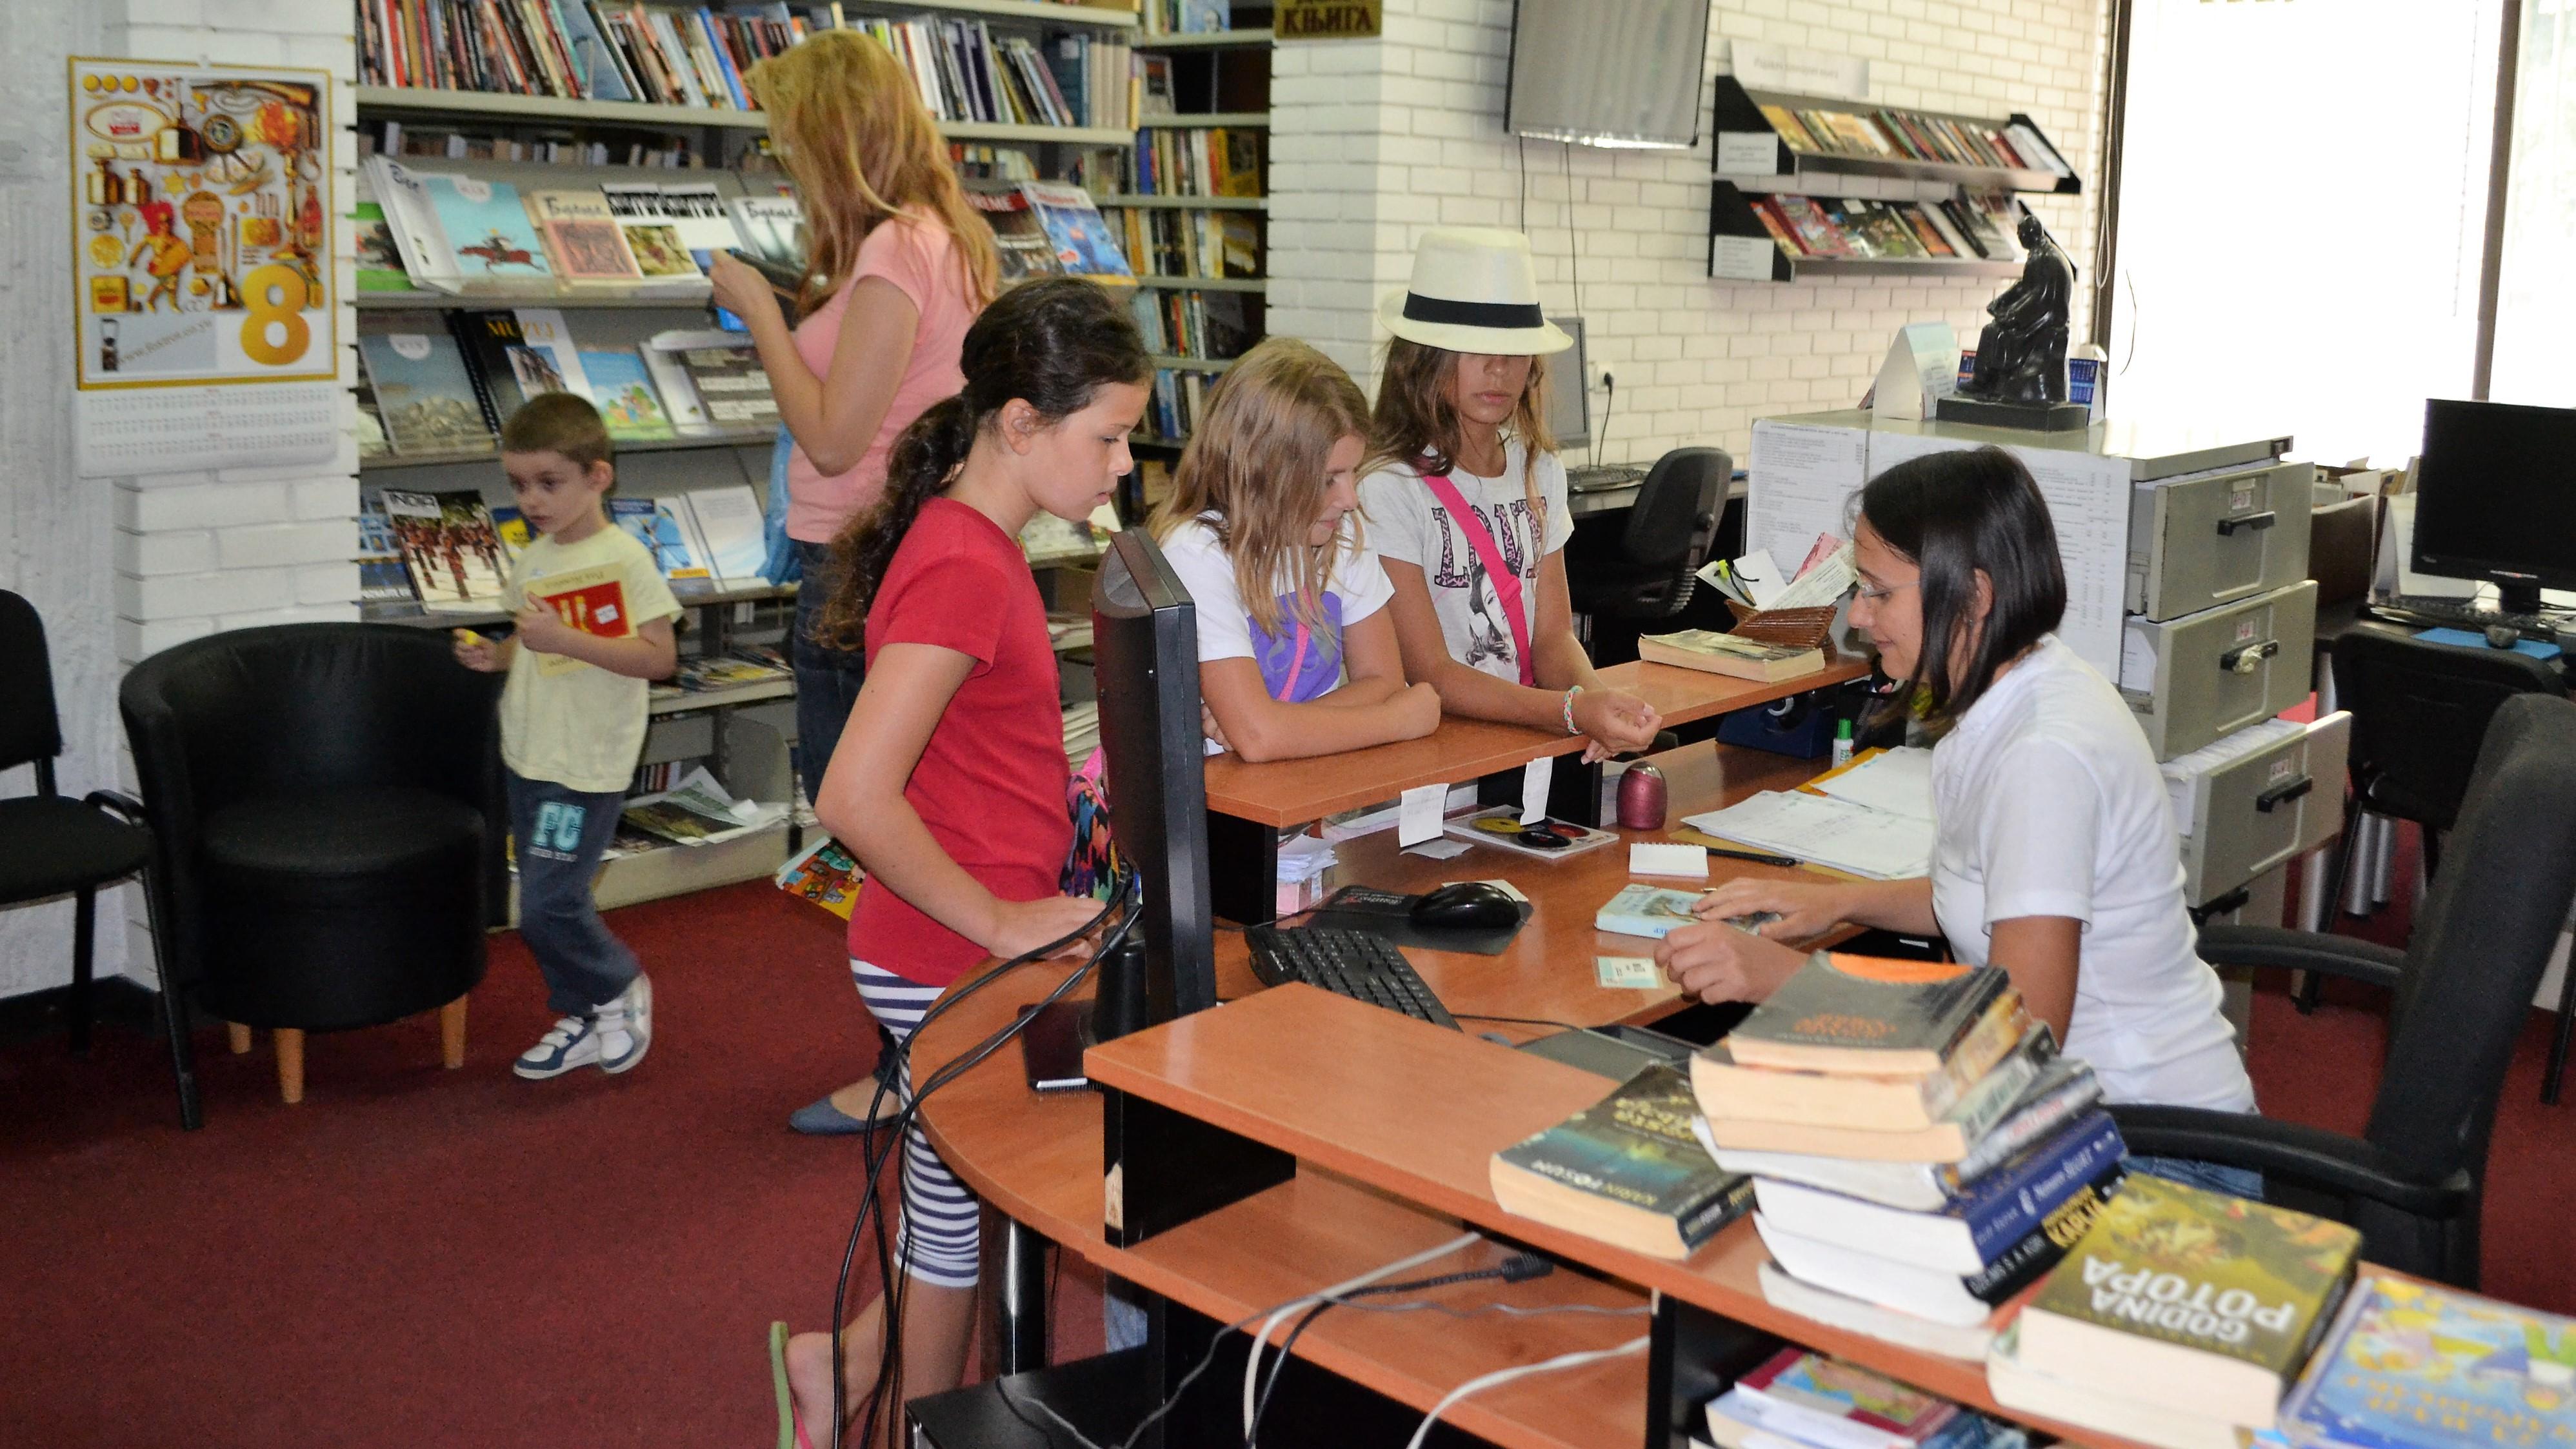 deca_uzimaju_knjige_u_biblioteci_njegos_u_knjazevcu